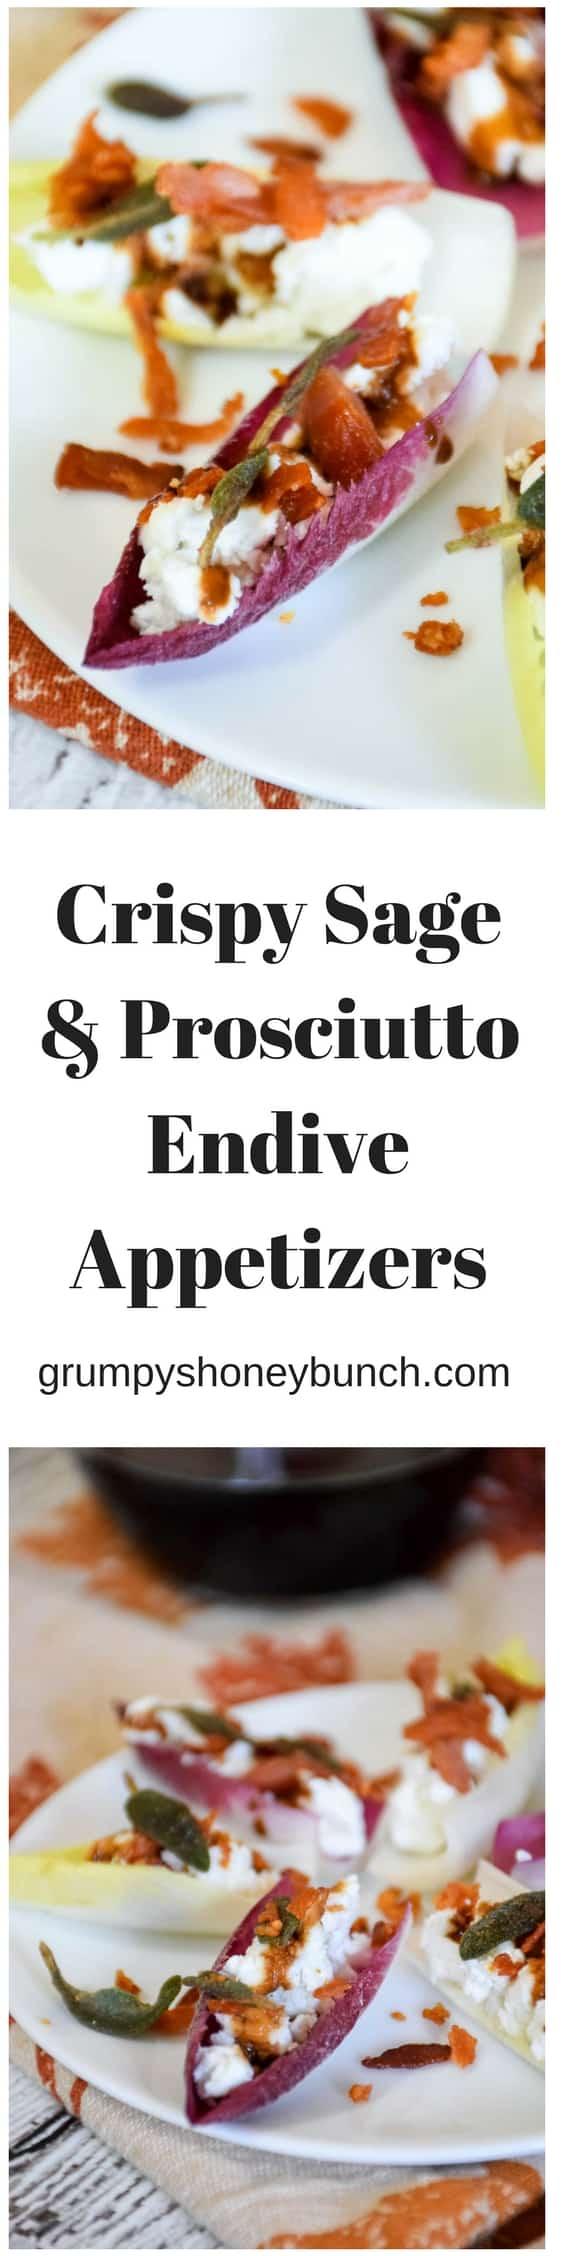 Crispy Sage & Prosciutto Endive Appetizers